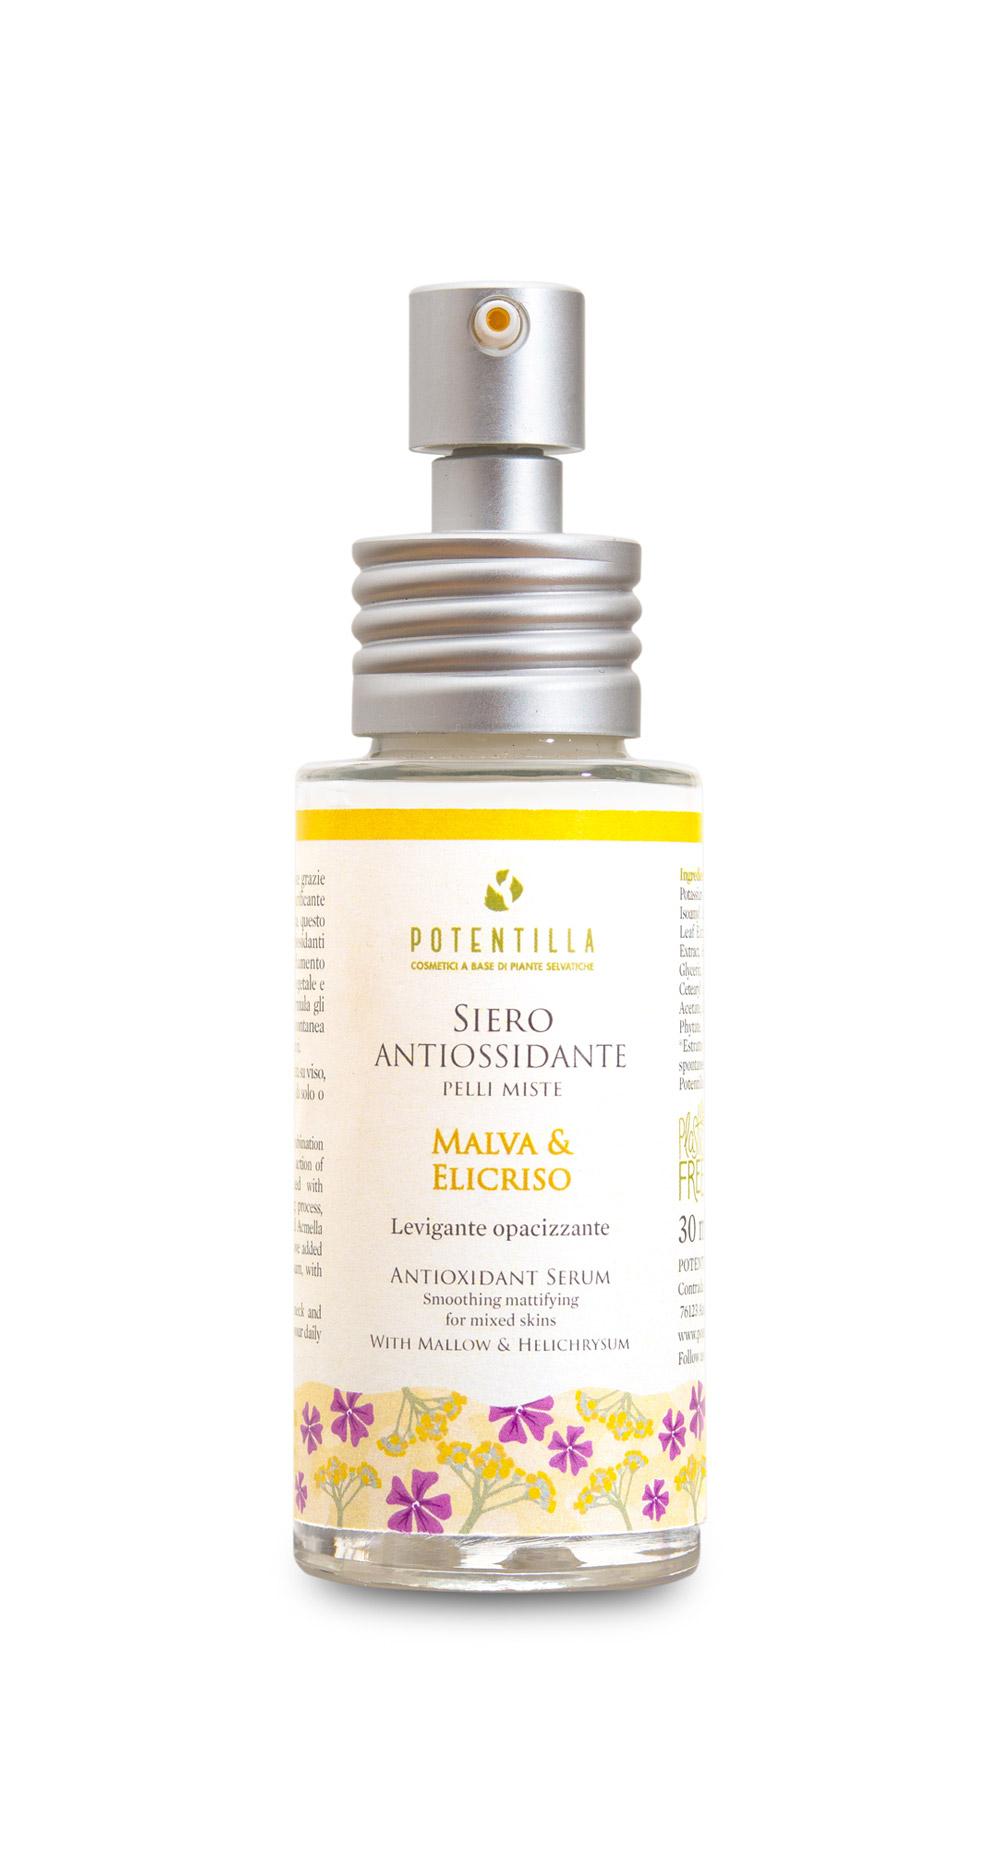 Cosmetici-a-Base-di-piante-selvatiche-siero-antiossidante-pelli-miste-malva-ed-elicriso-levigante-opacizzante-con-erogatore-home